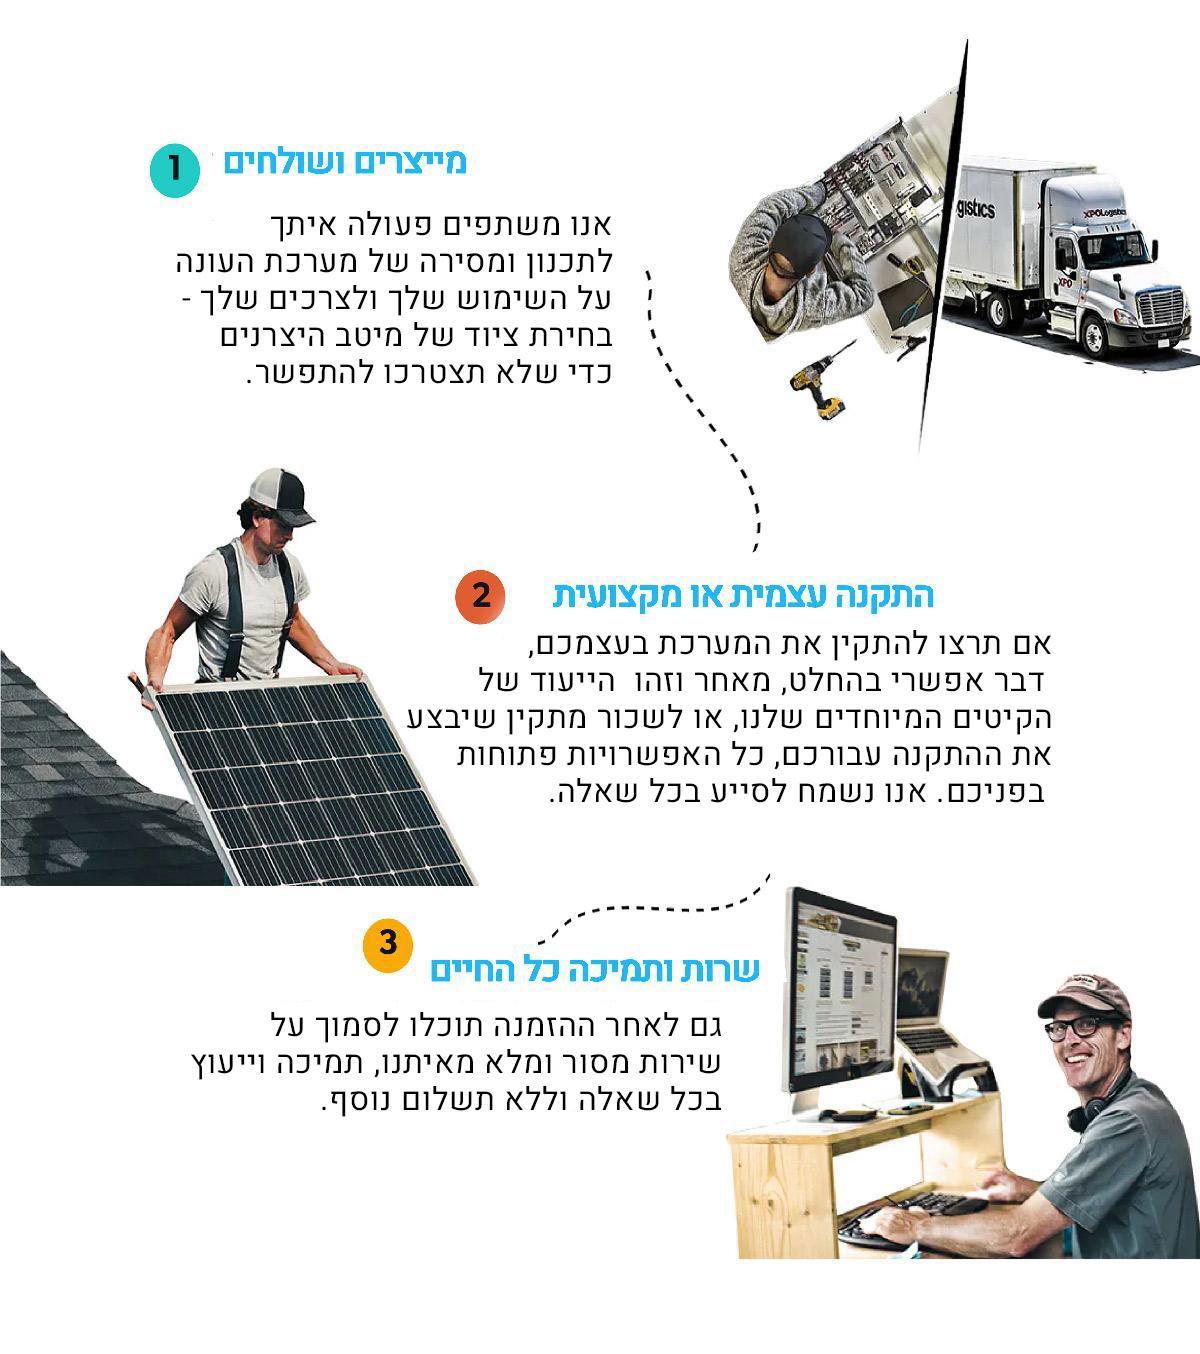 הזמנת-מערכת-סולארית